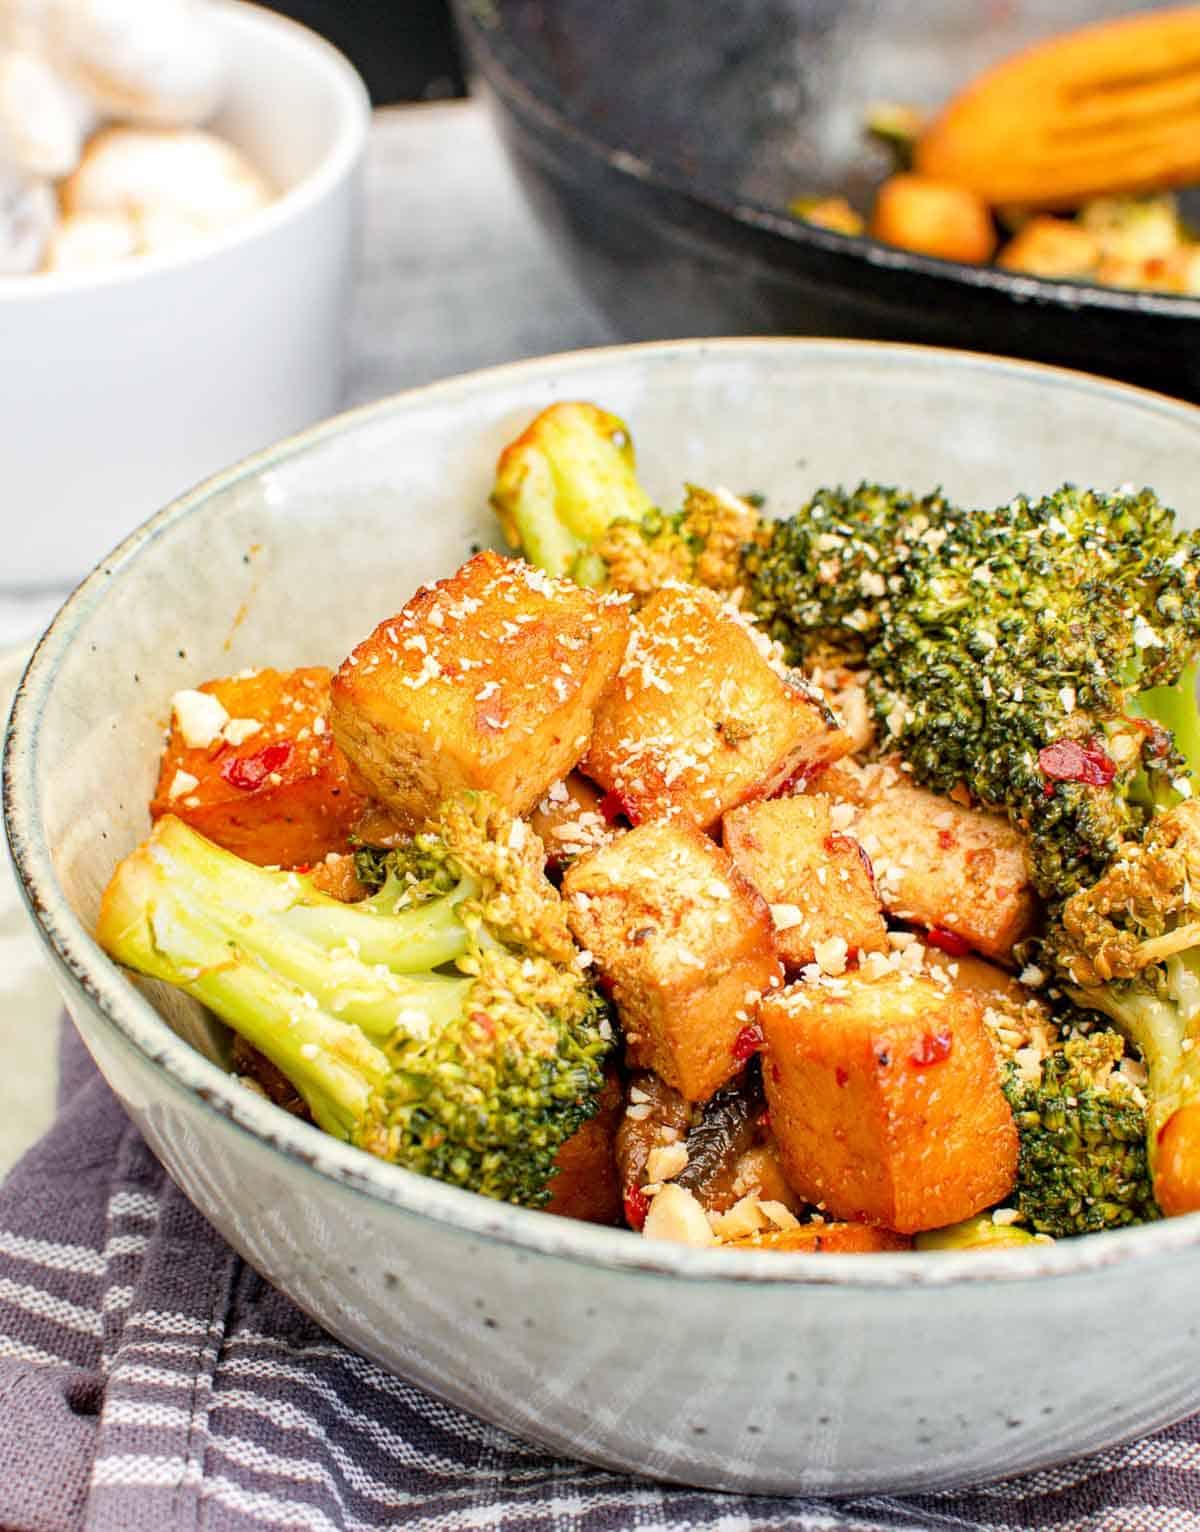 Broccoli tofu mushroom stir fry in a bowl.